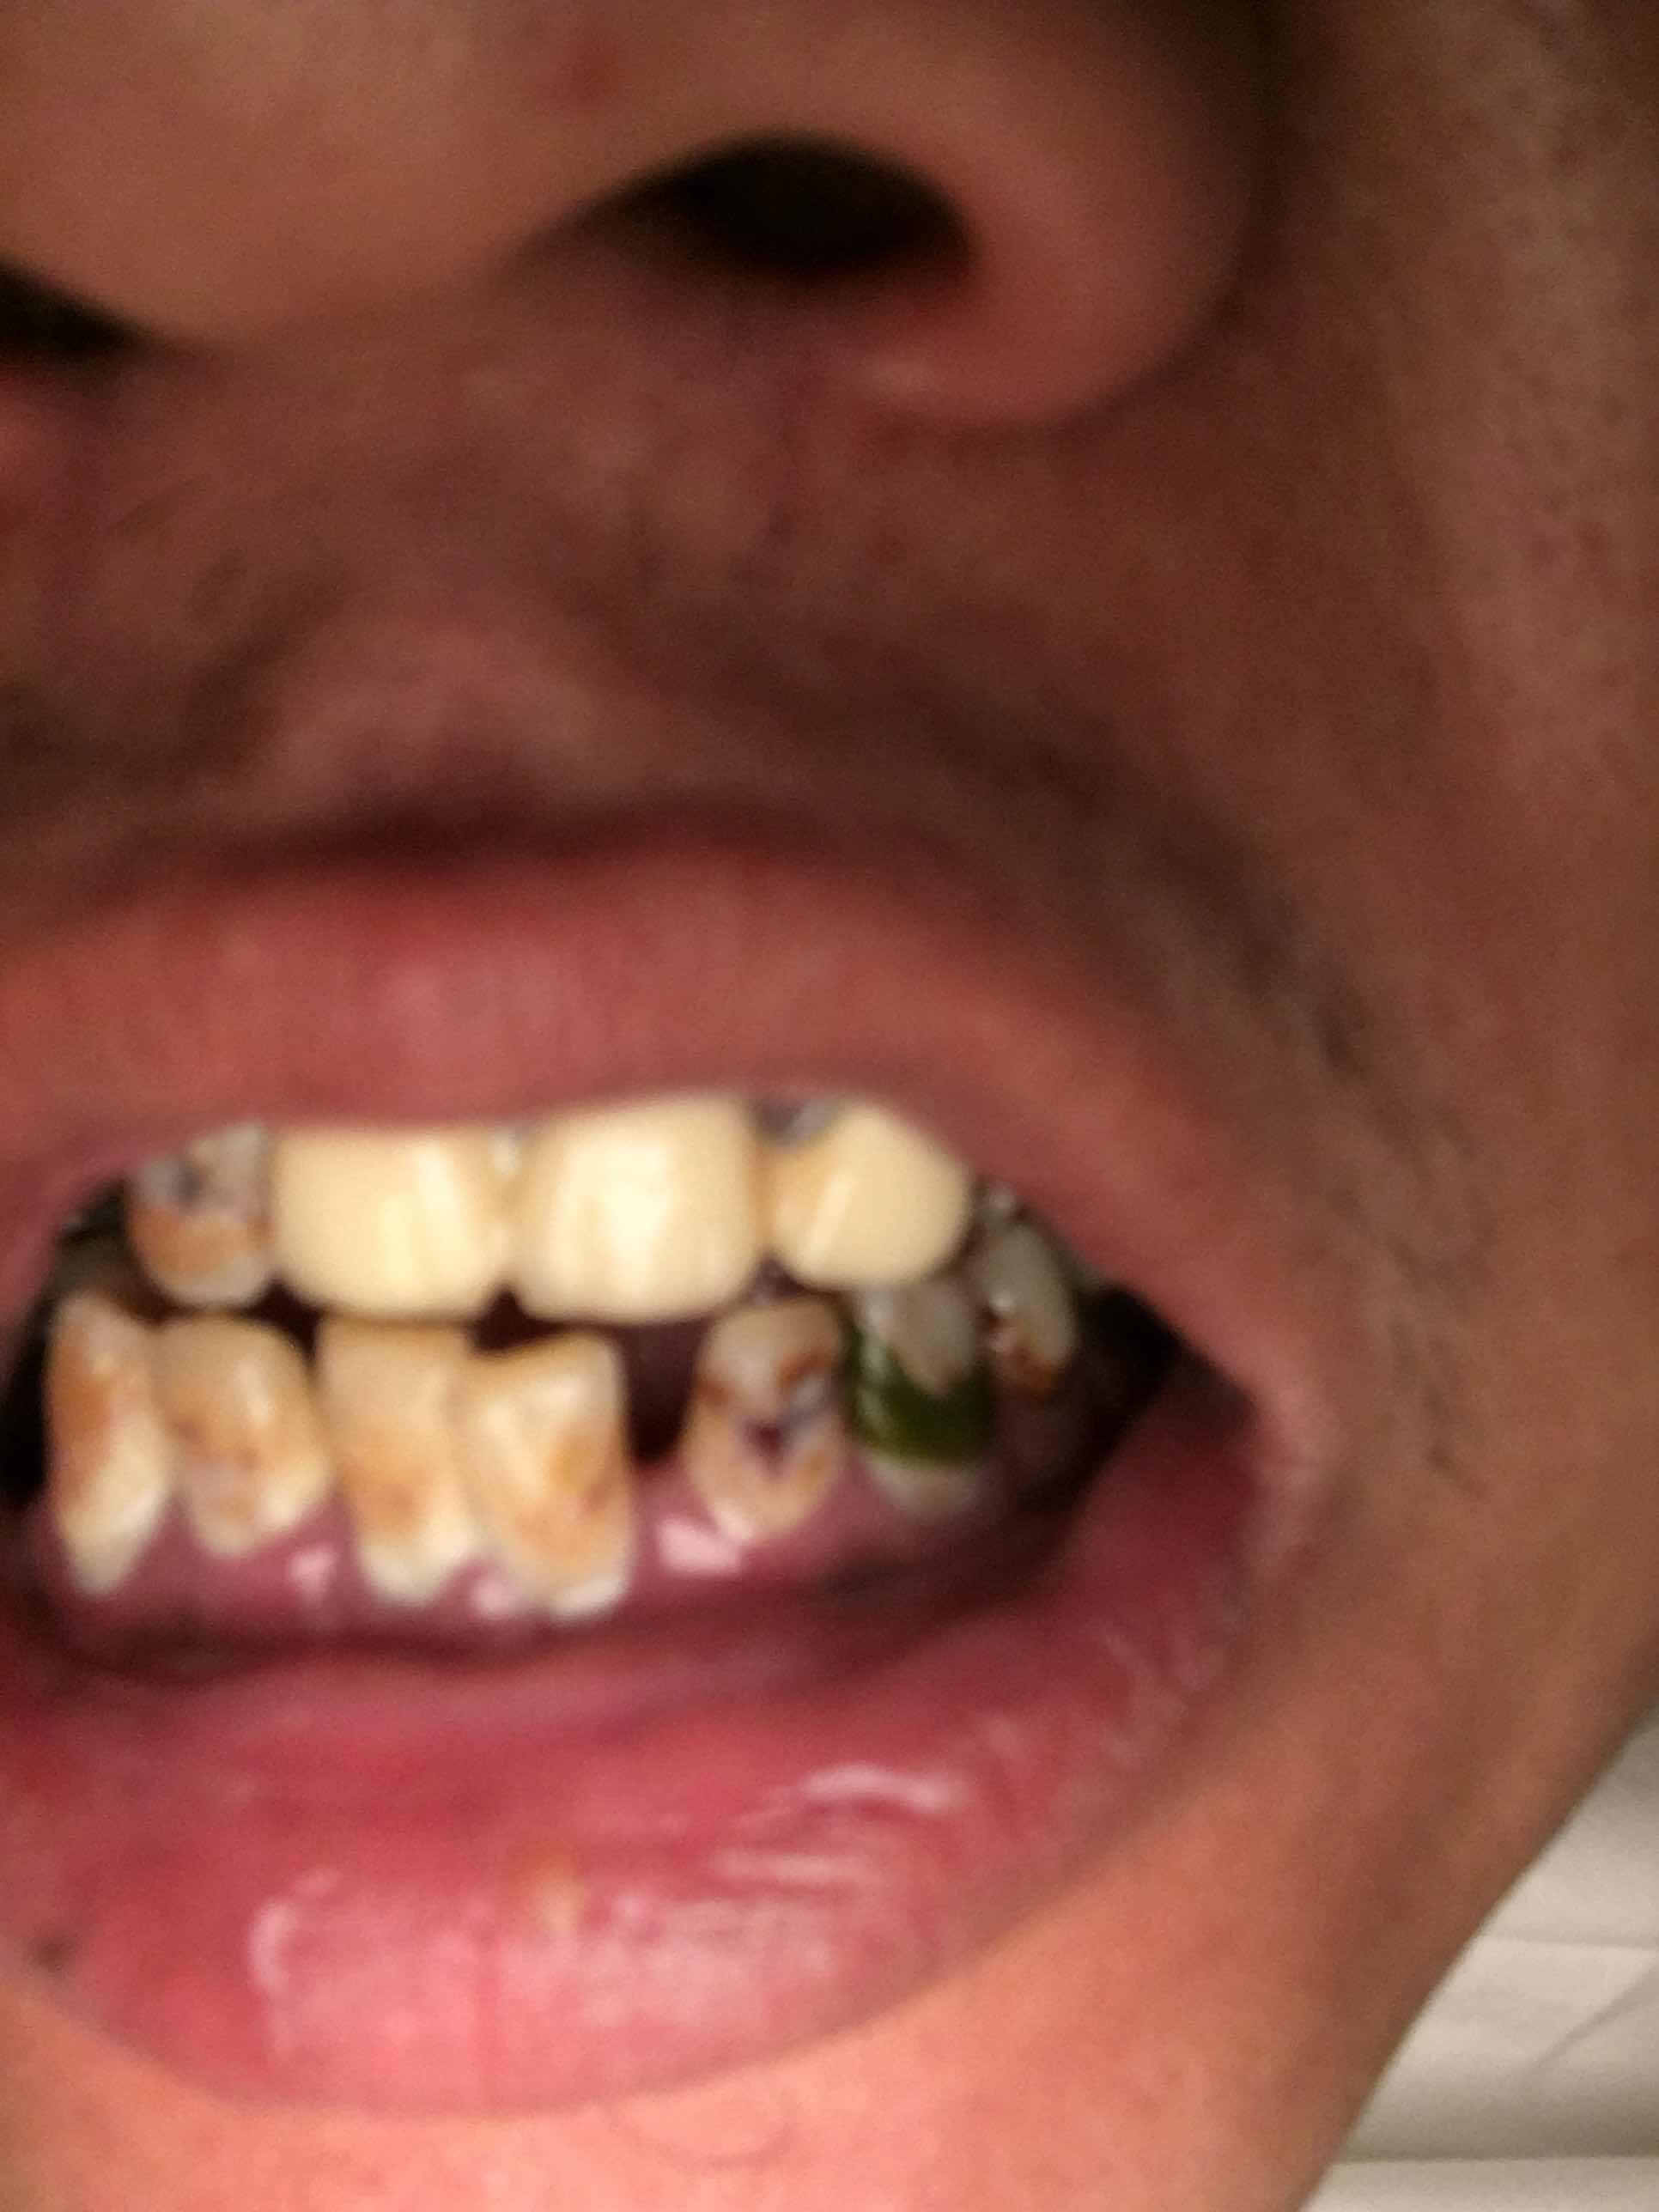 冷光美白牙齿多少钱,这牙怎么整?有救吗